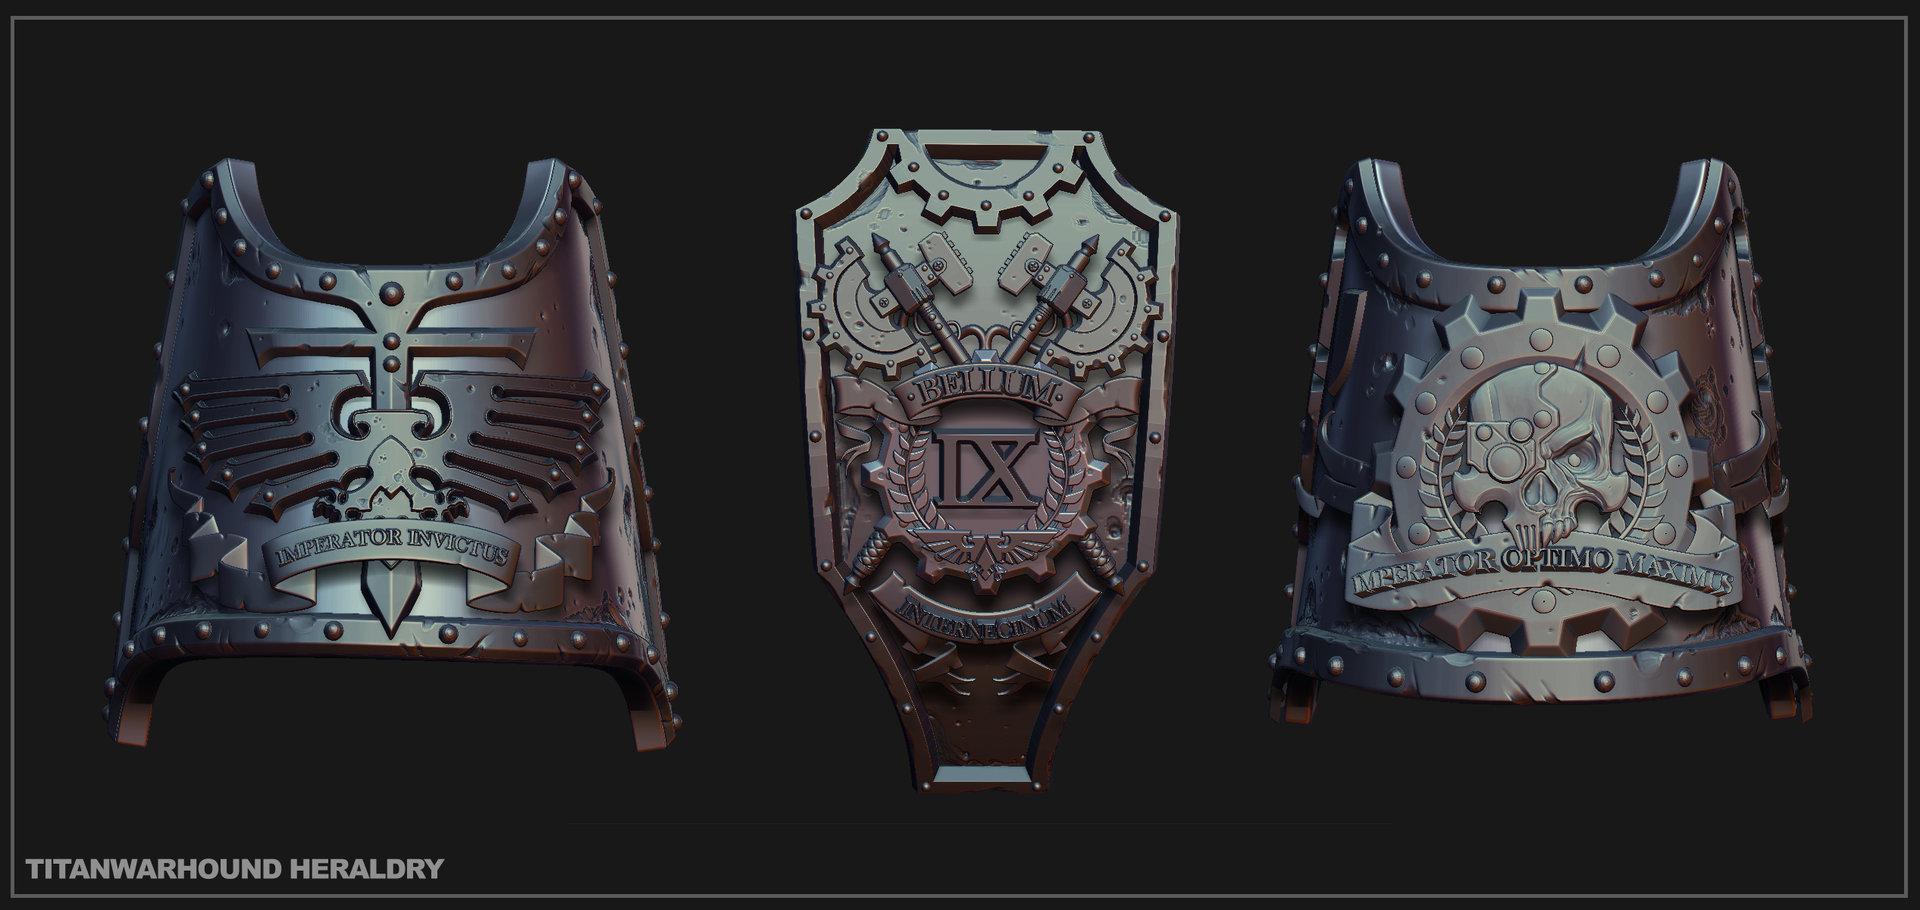 Titanwarhound heraldry